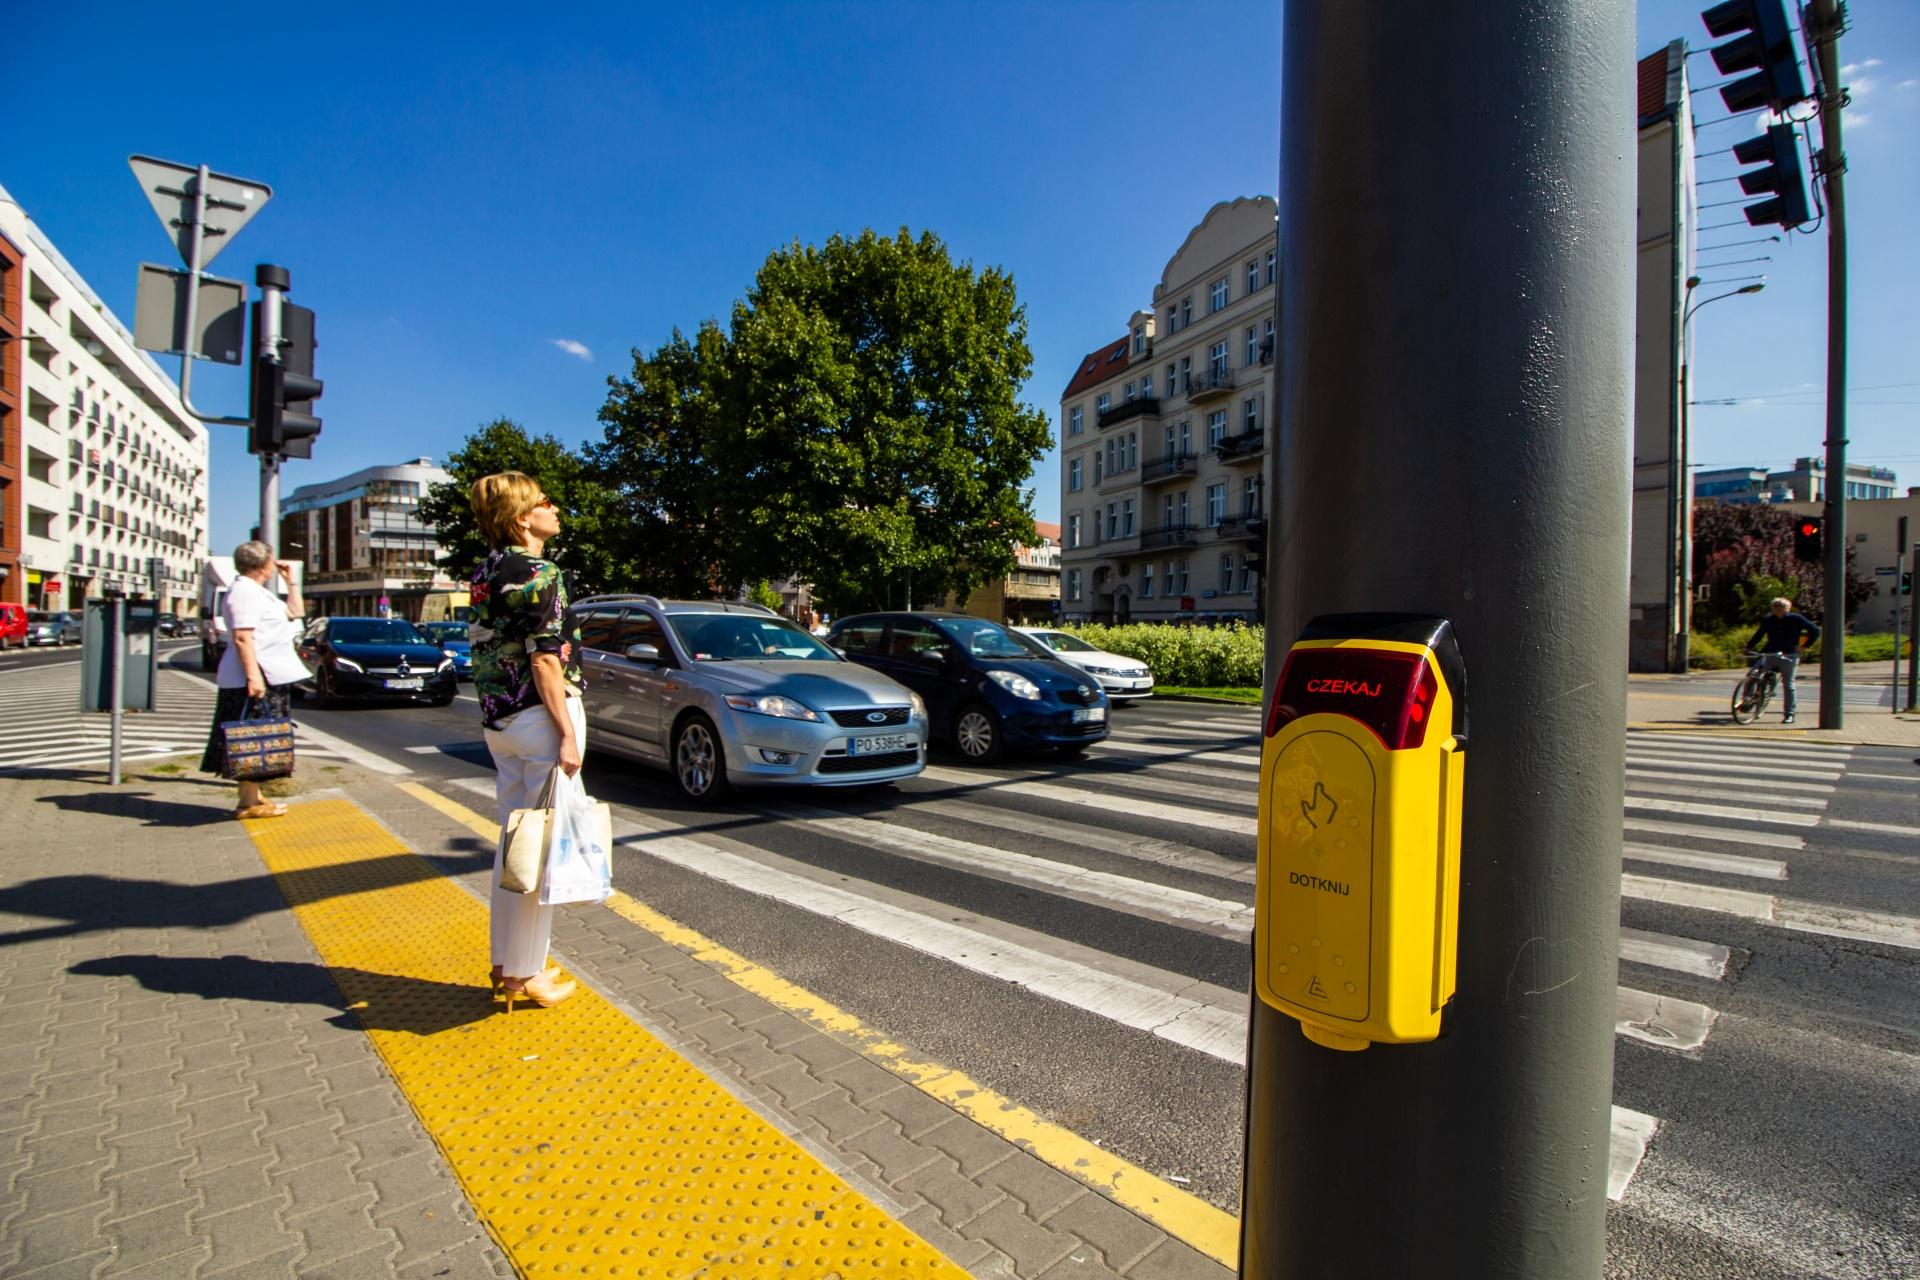 Światło i dźwięk czyli sygnalizacja akustyczna na poznańskich ulicach